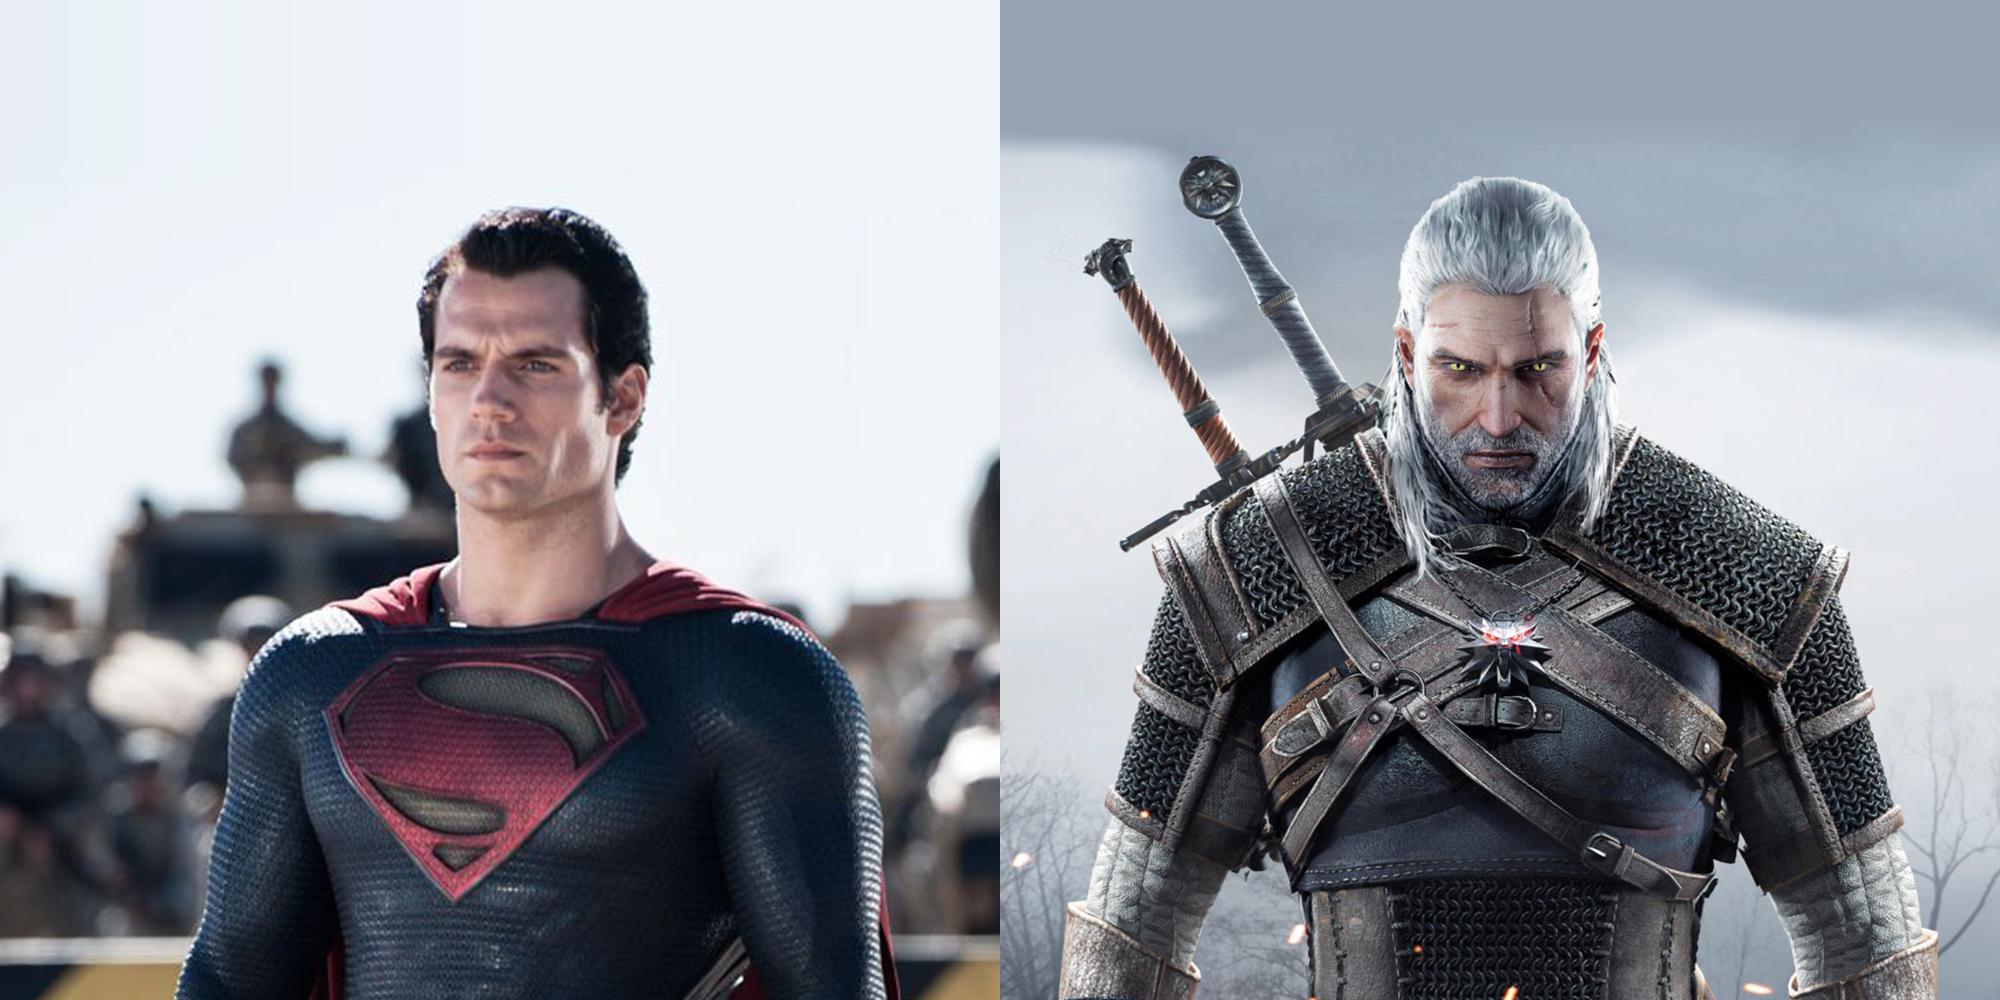 Filmový Superman si zahraje hlavní roli v jednom z nových seriálů Netflixu – Zaklínač.